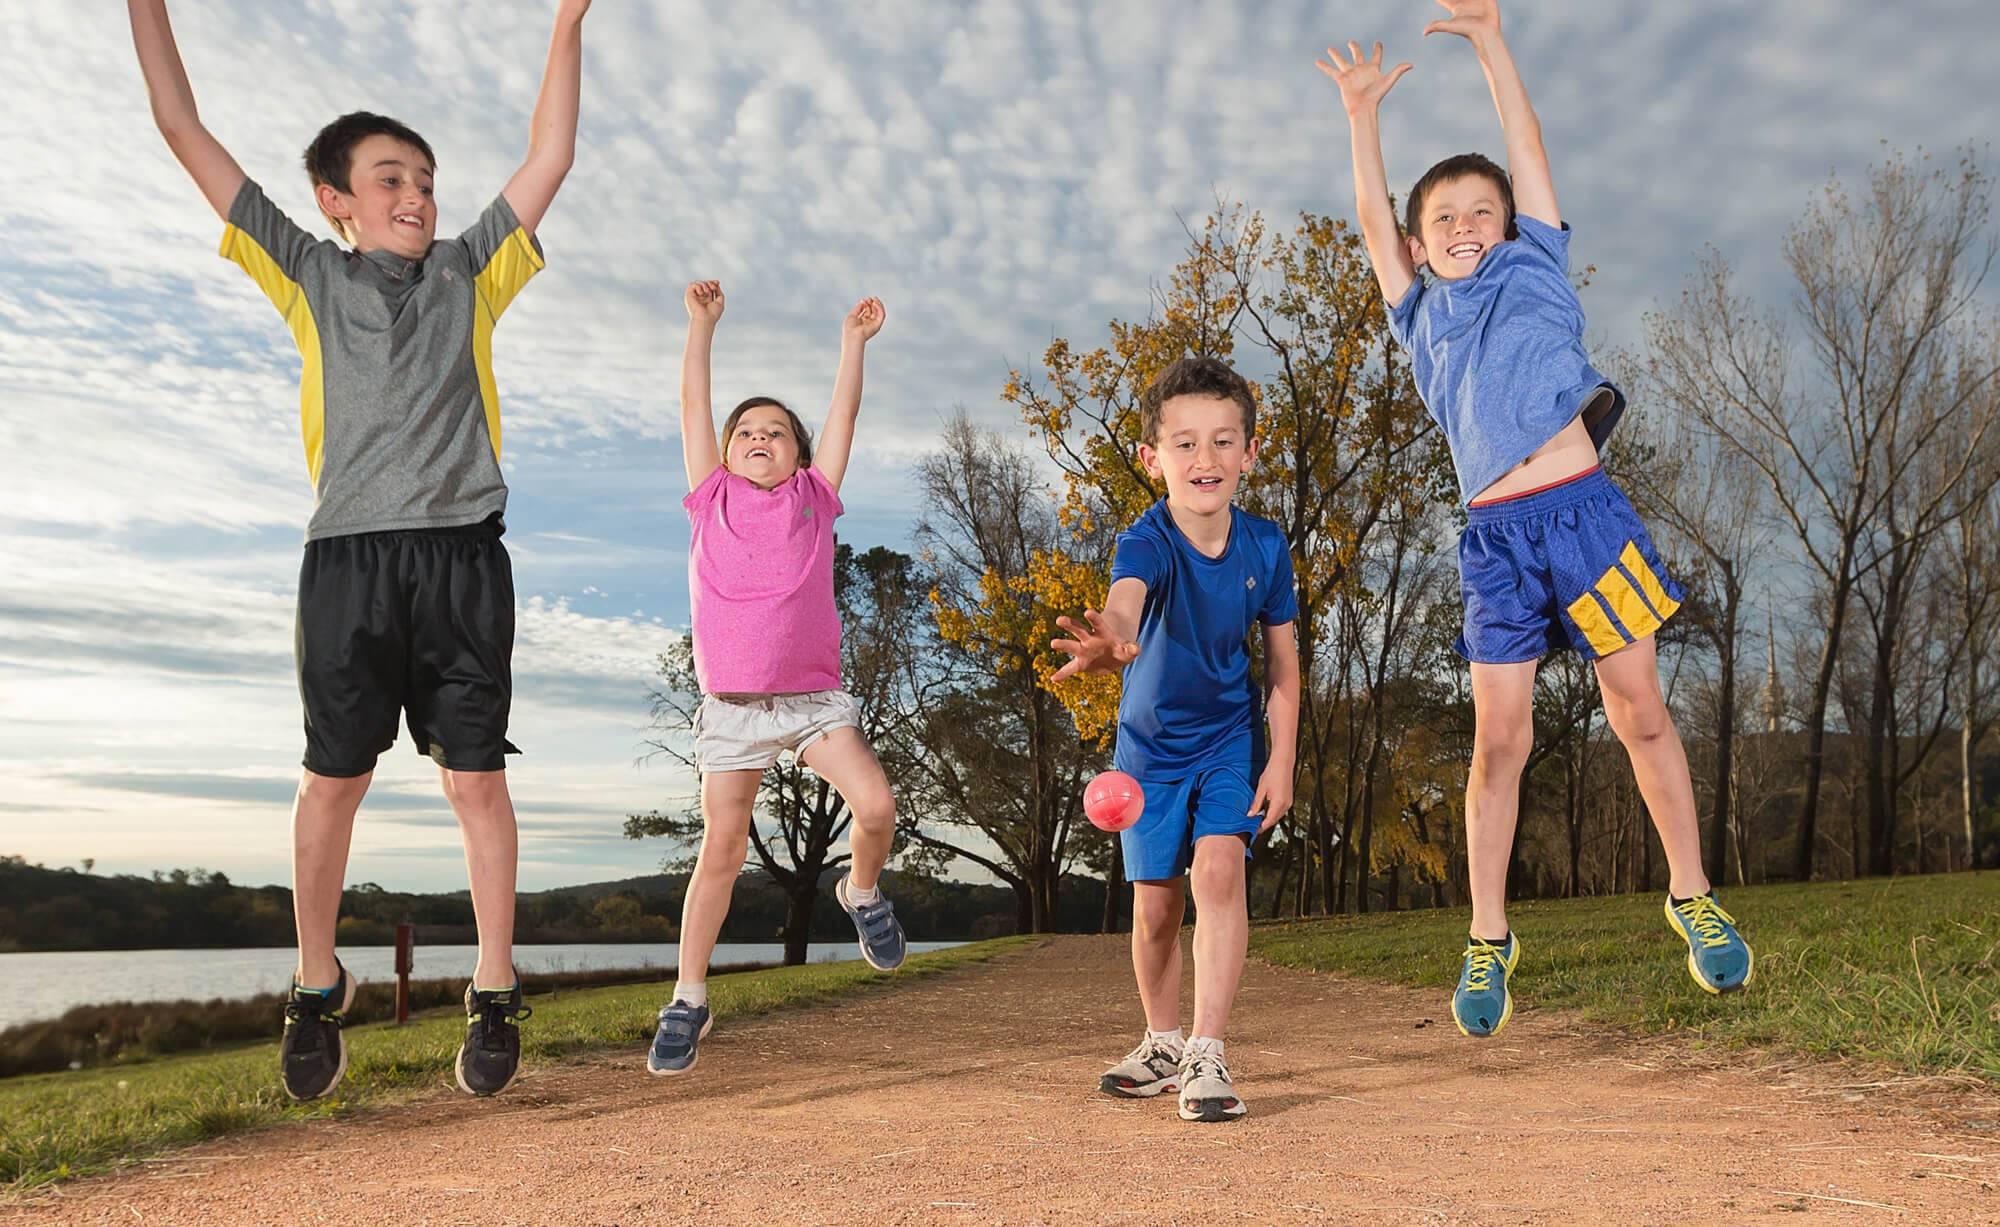 والیبال و بسکتبال تأثیری در رشد قد کودکان دارد؟